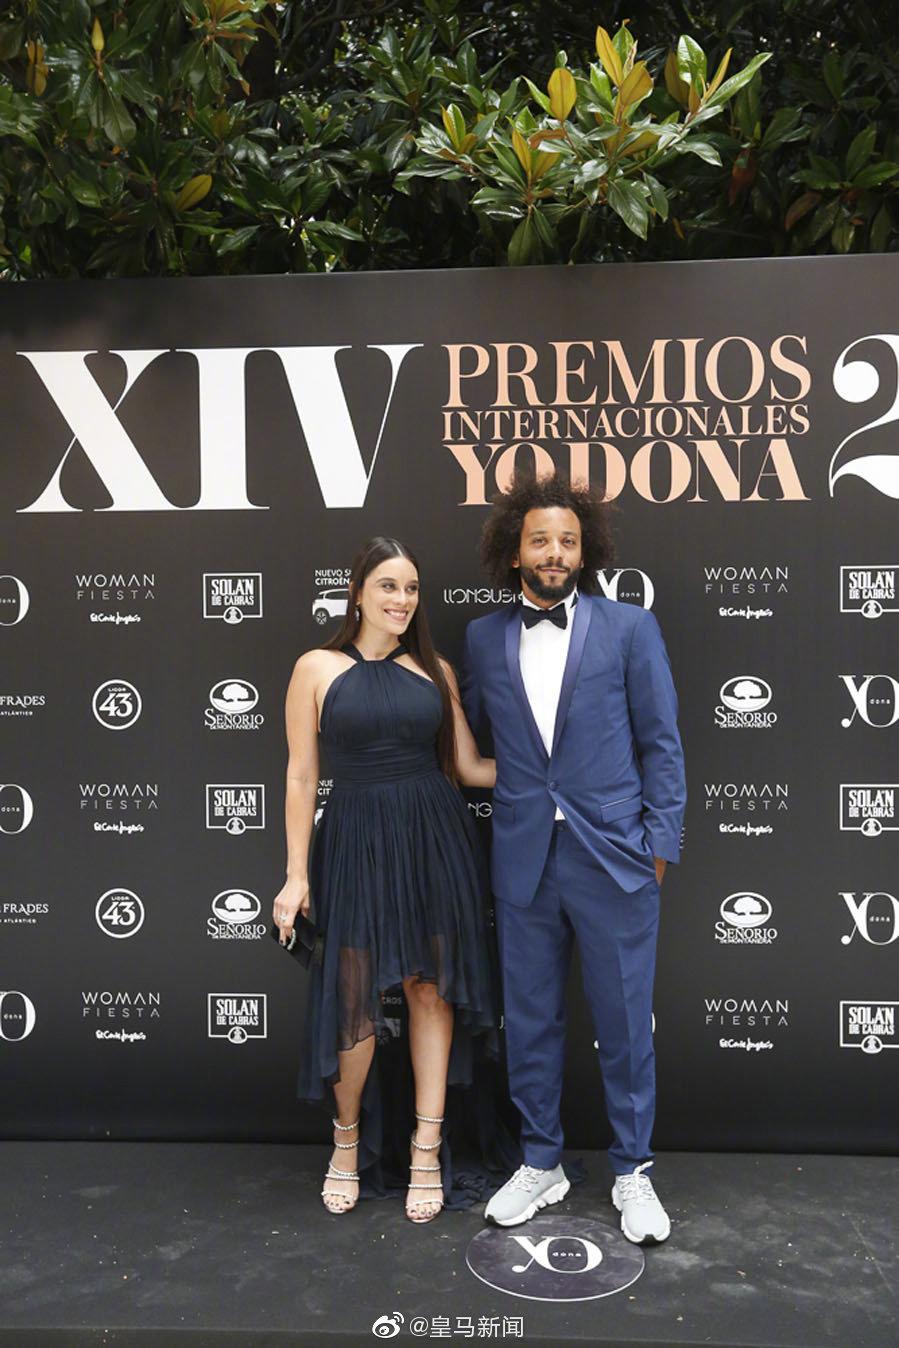 马塞洛跟妻子参加活动。